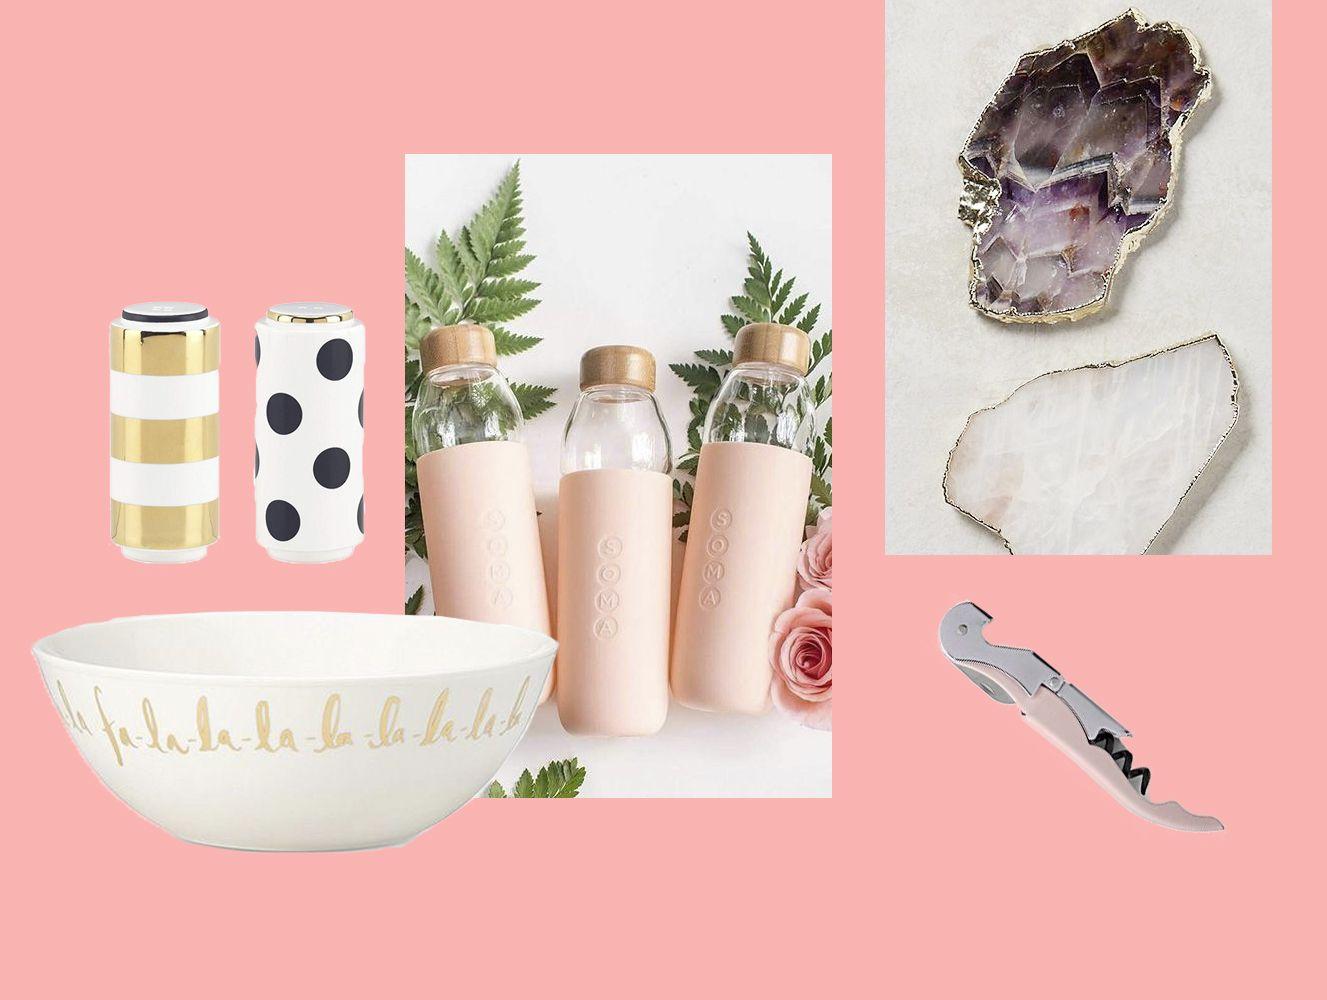 50+ Best Kitchen Gifts - Ideas for Kitchen Gadget Presents